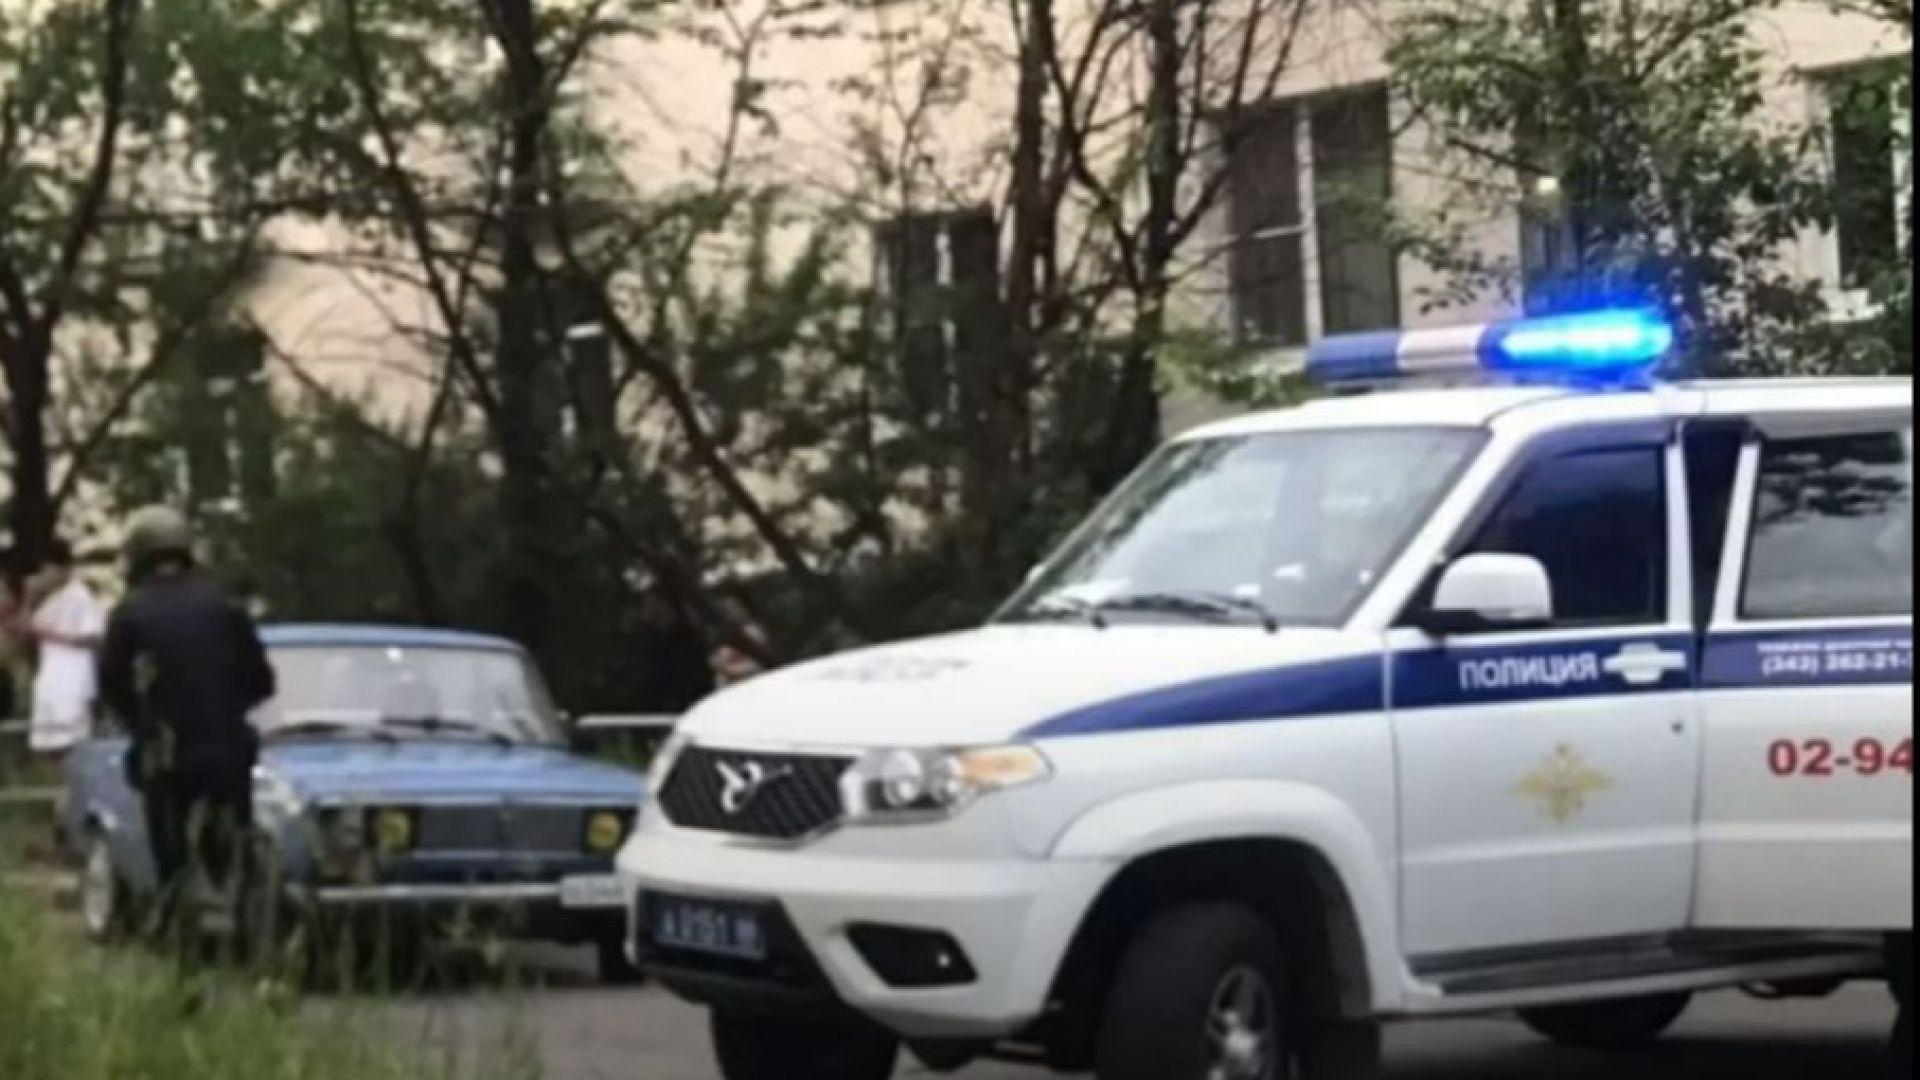 Бивш полицай стреля с карабина по хора в Екатеринбург, дете е тежко ранено (видео)